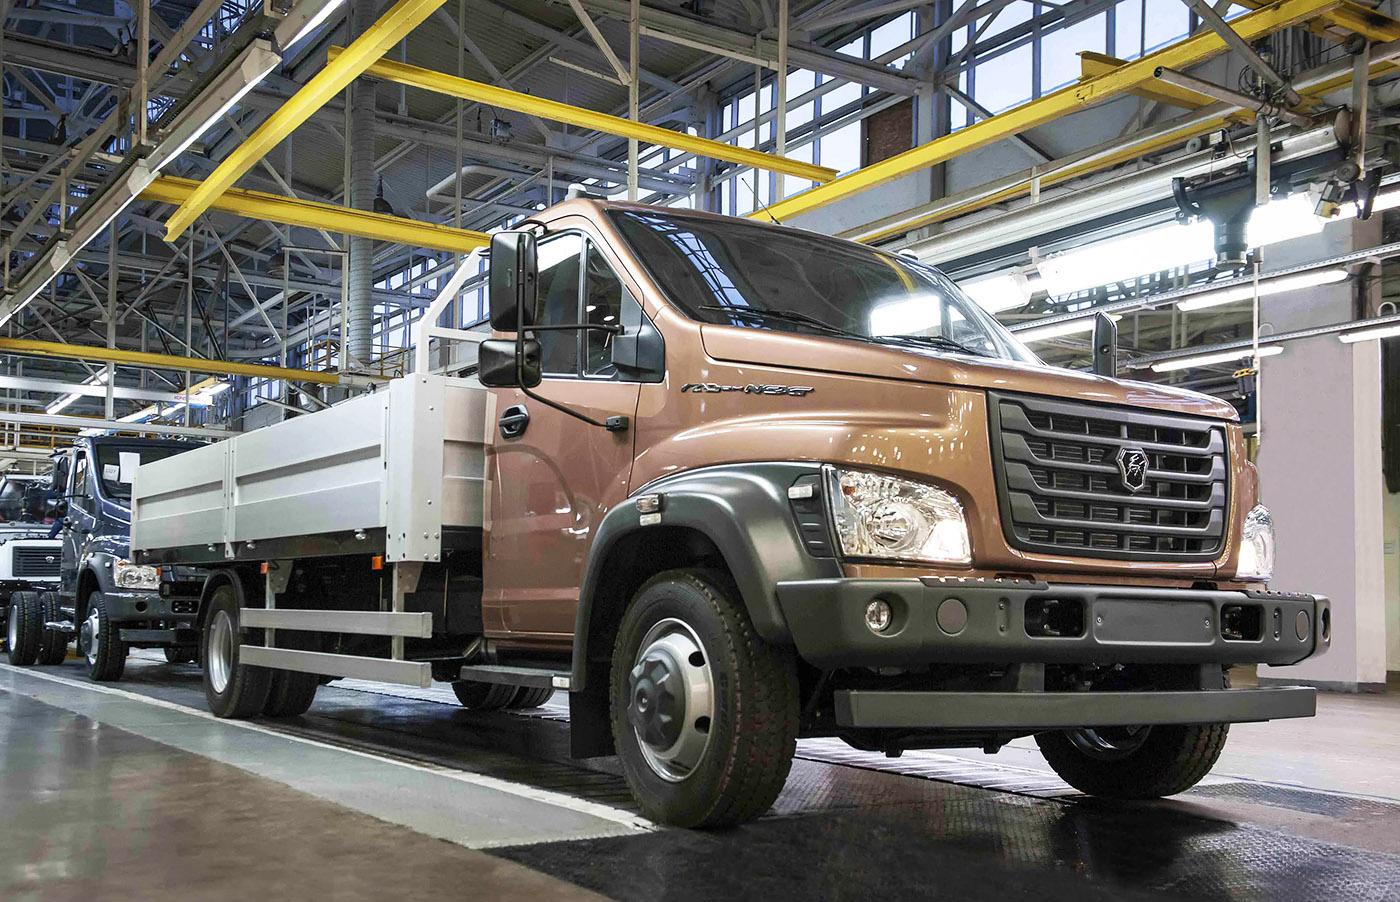 Горьковский автозавод «Группы ГАЗ» приступил к производству двух новых  моделей коммерческих автомобилей  среднетоннажного грузовика «ГАЗон NEXT»  полной ... ebeb19583db